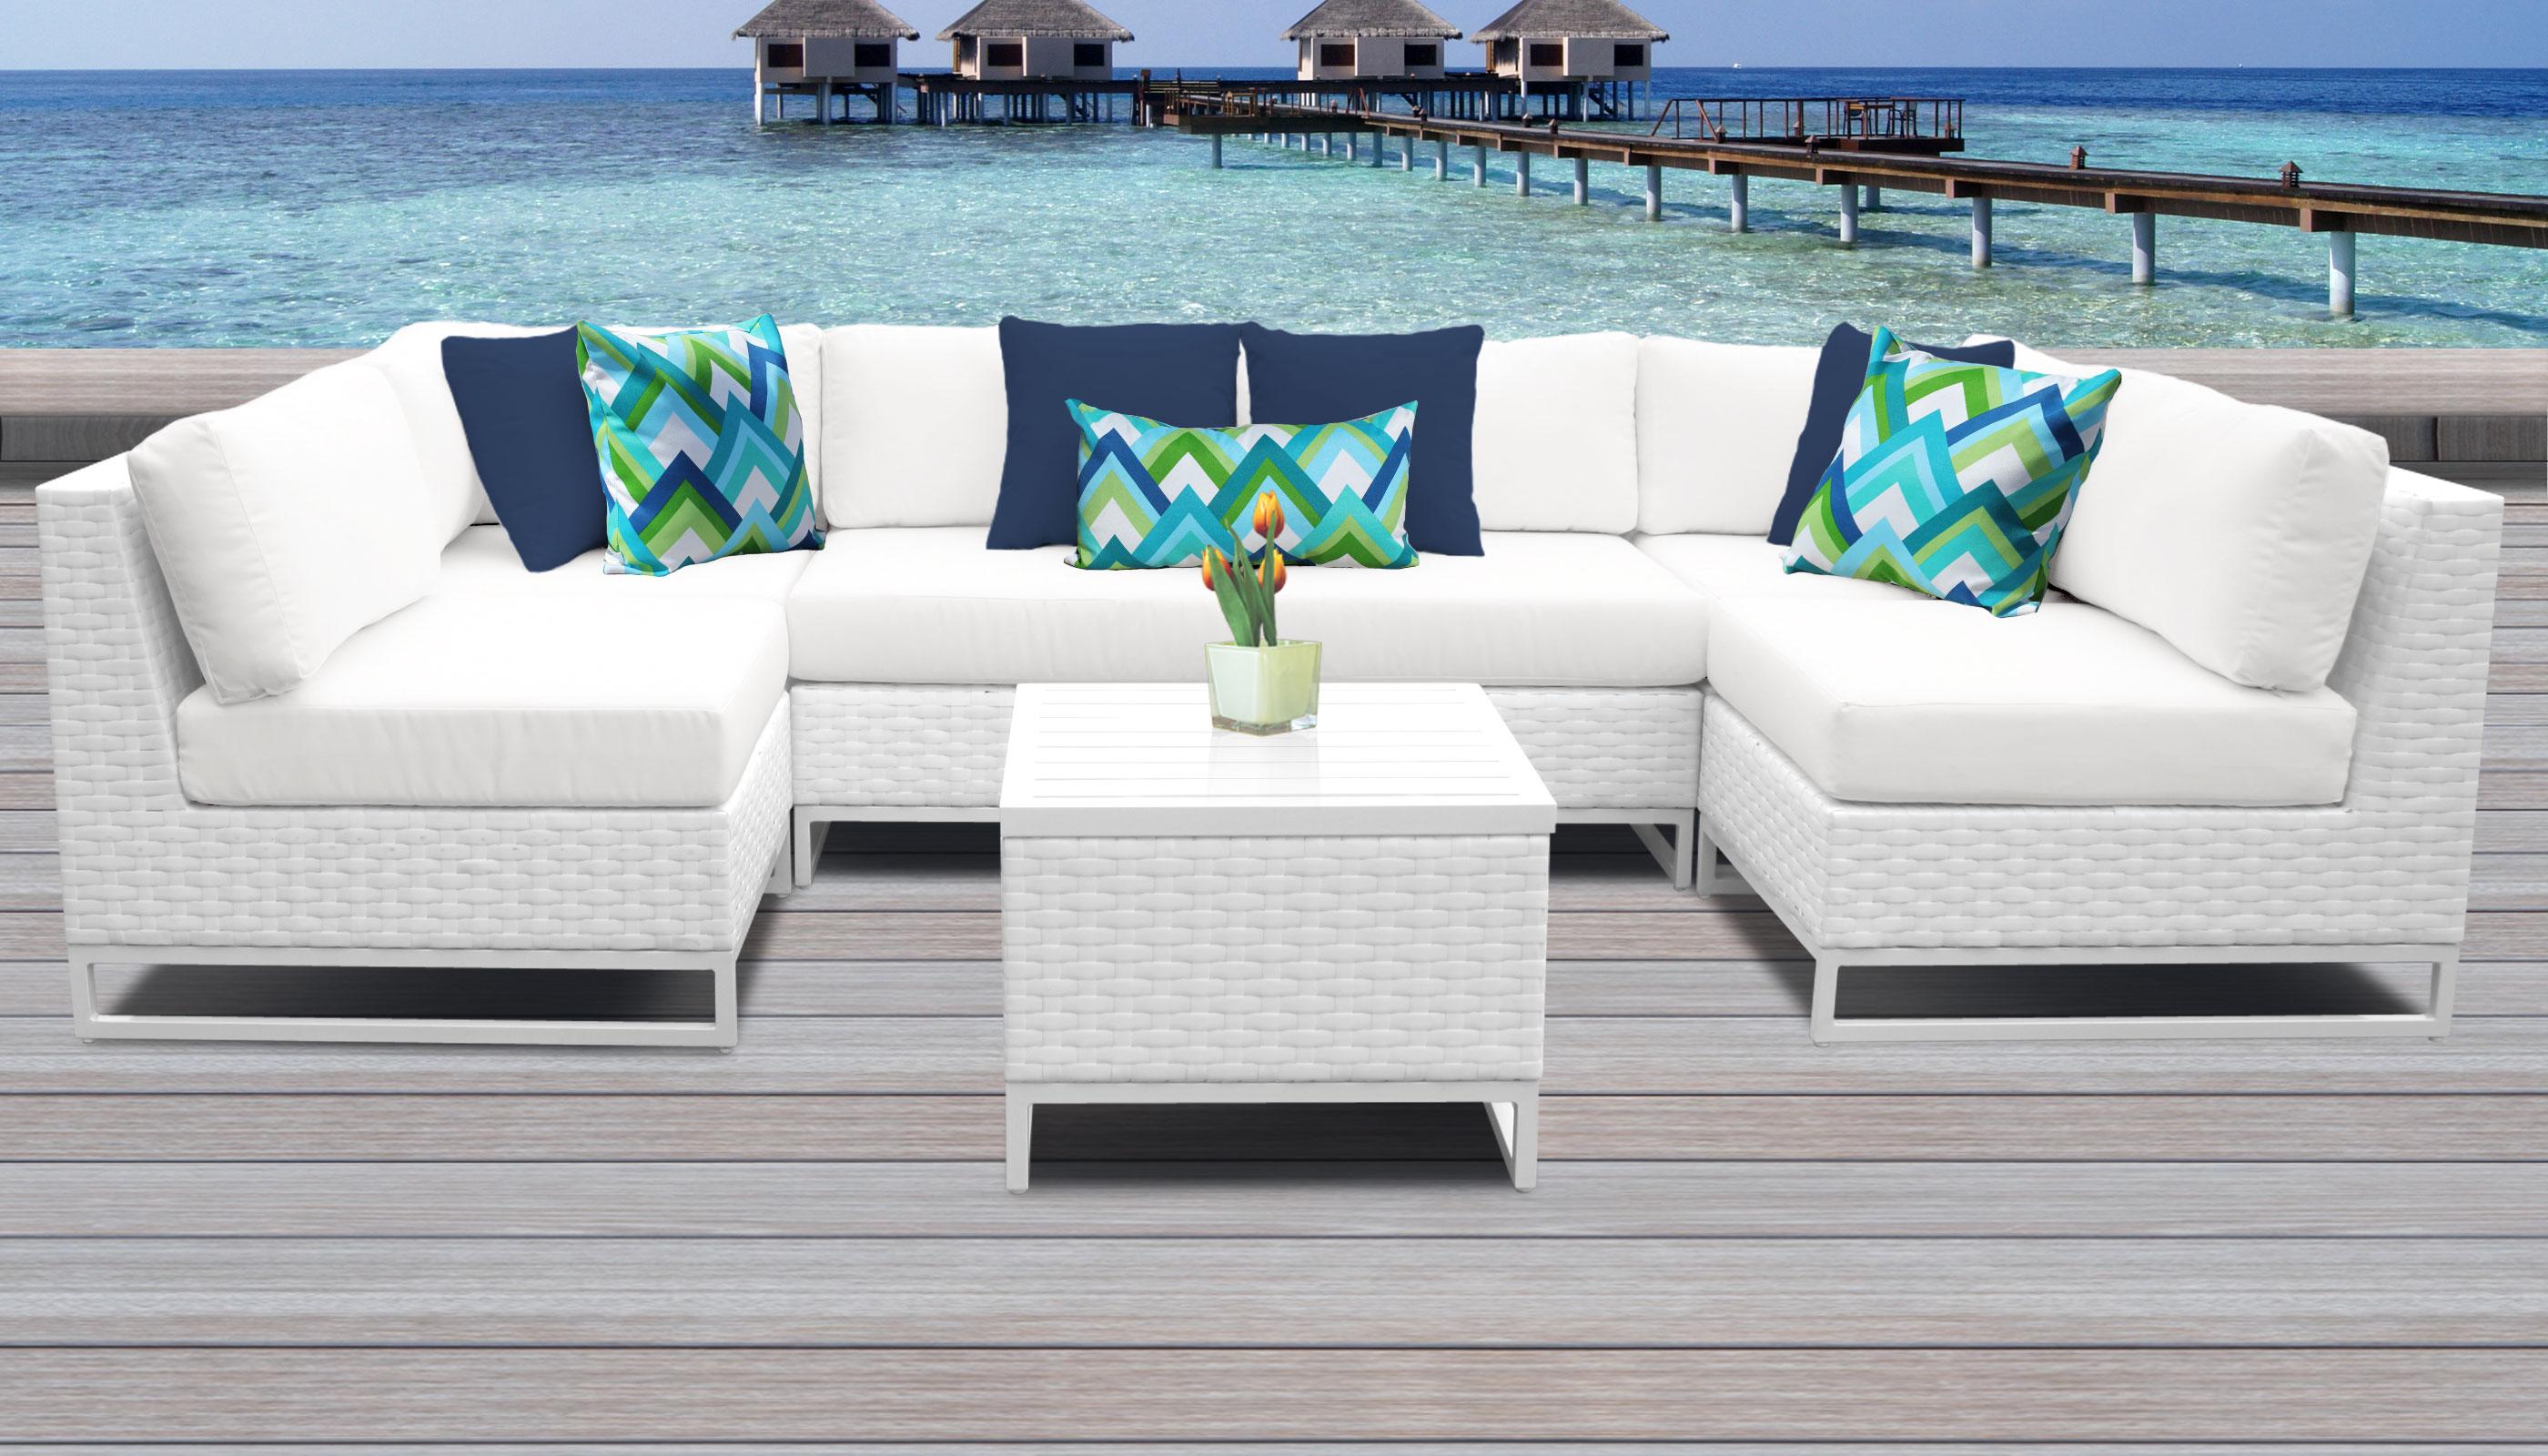 Outdoor Wicker Patio Furniture Set 07d